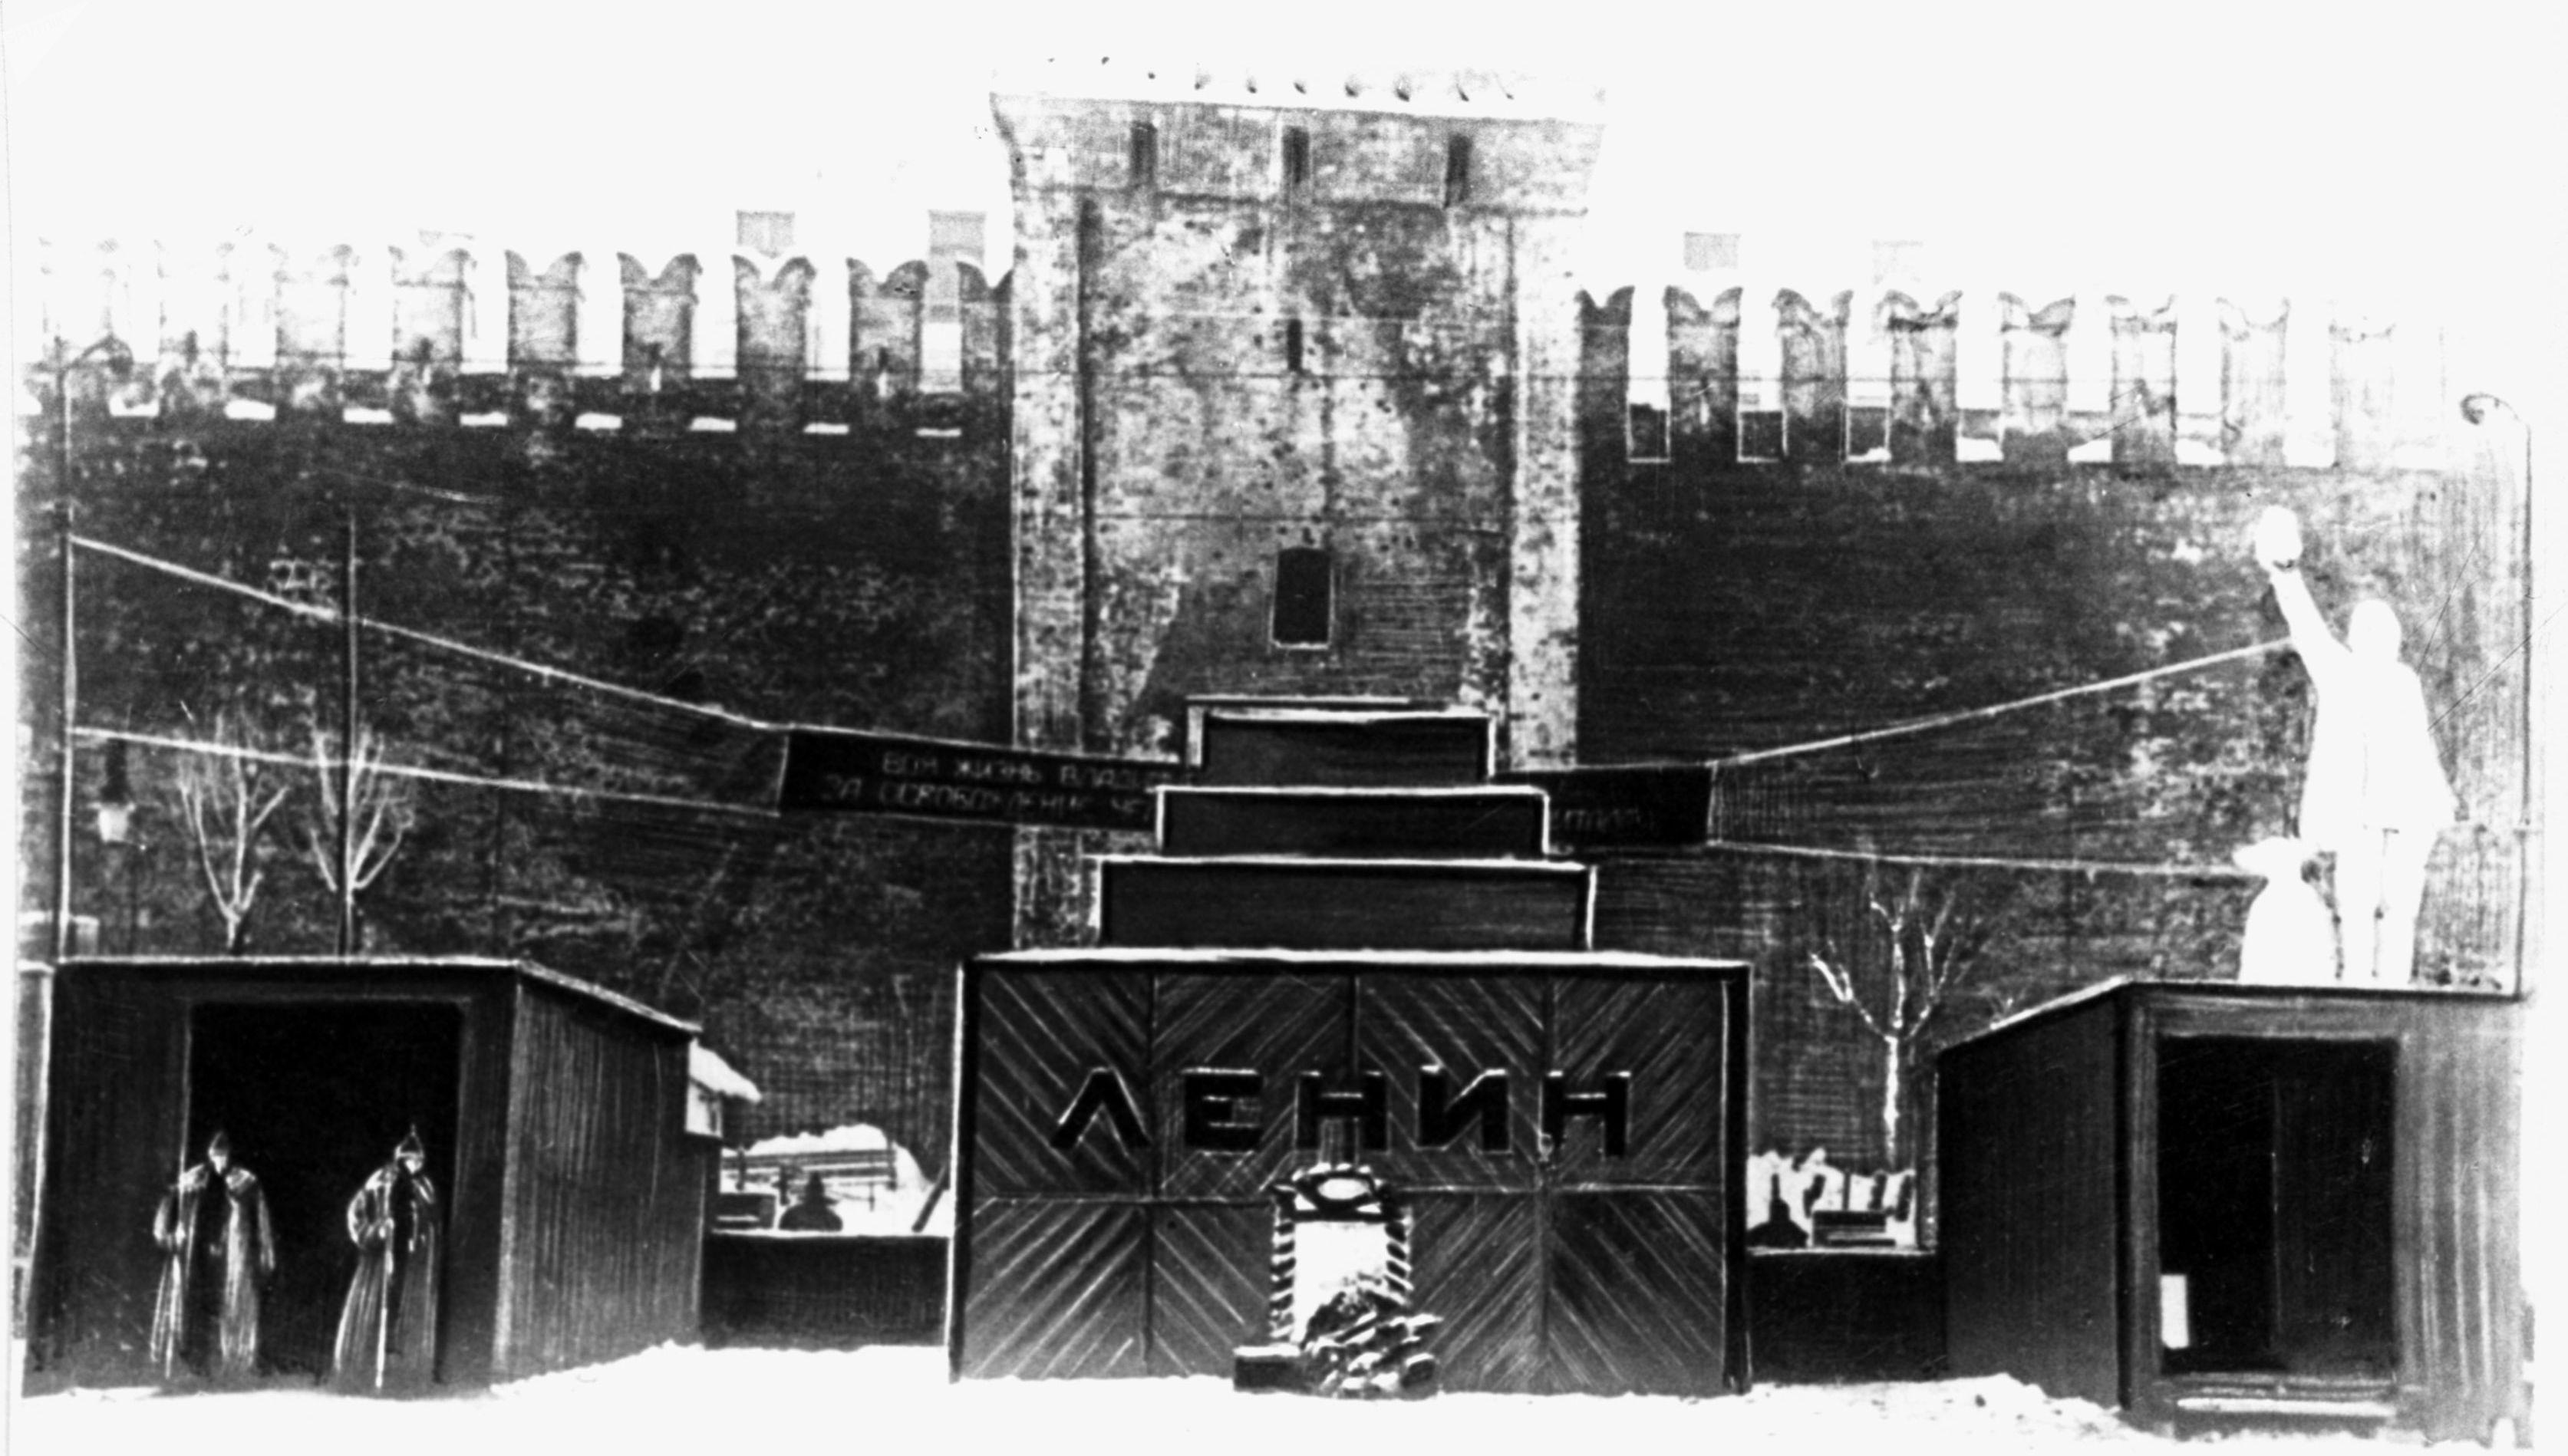 El primer mausoleo de Lenin fue construido de manera provisional solamente tres días después de la muerte del líder soviético